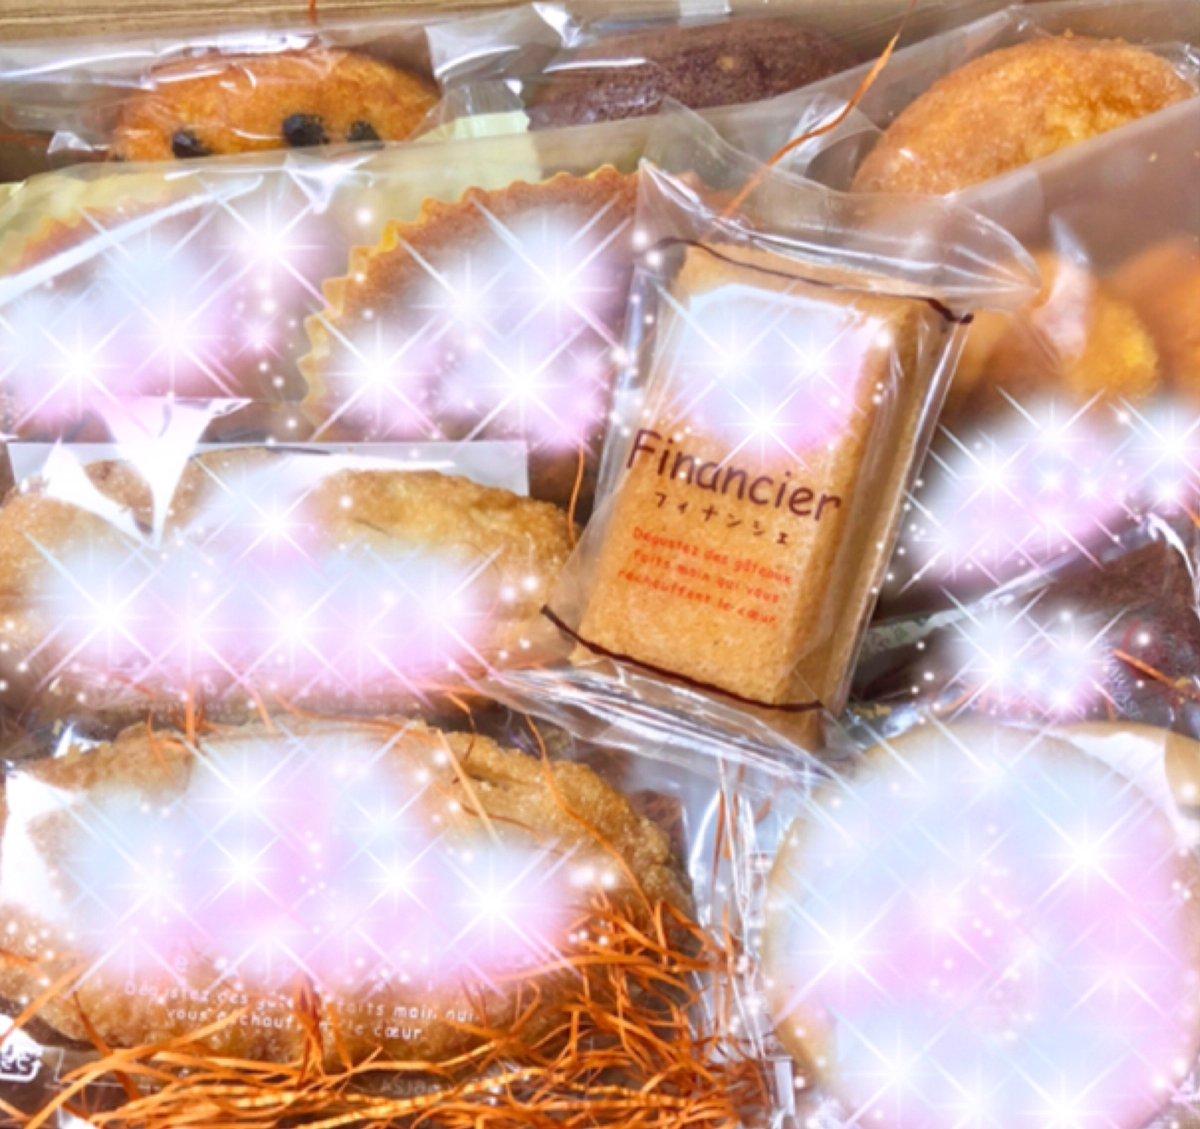 test ツイッターメディア - 偶然にも 本日いただいたお菓子✨ フィナンシェちゃんが入ってた〜😆 私もフィナンシェ大好きです😘 相葉くんを想いながら大切に味わっていただきます💚✨ ありがと〜🍀✨  #相葉雅紀  #フィナンシェ https://t.co/LU5IQYtng3